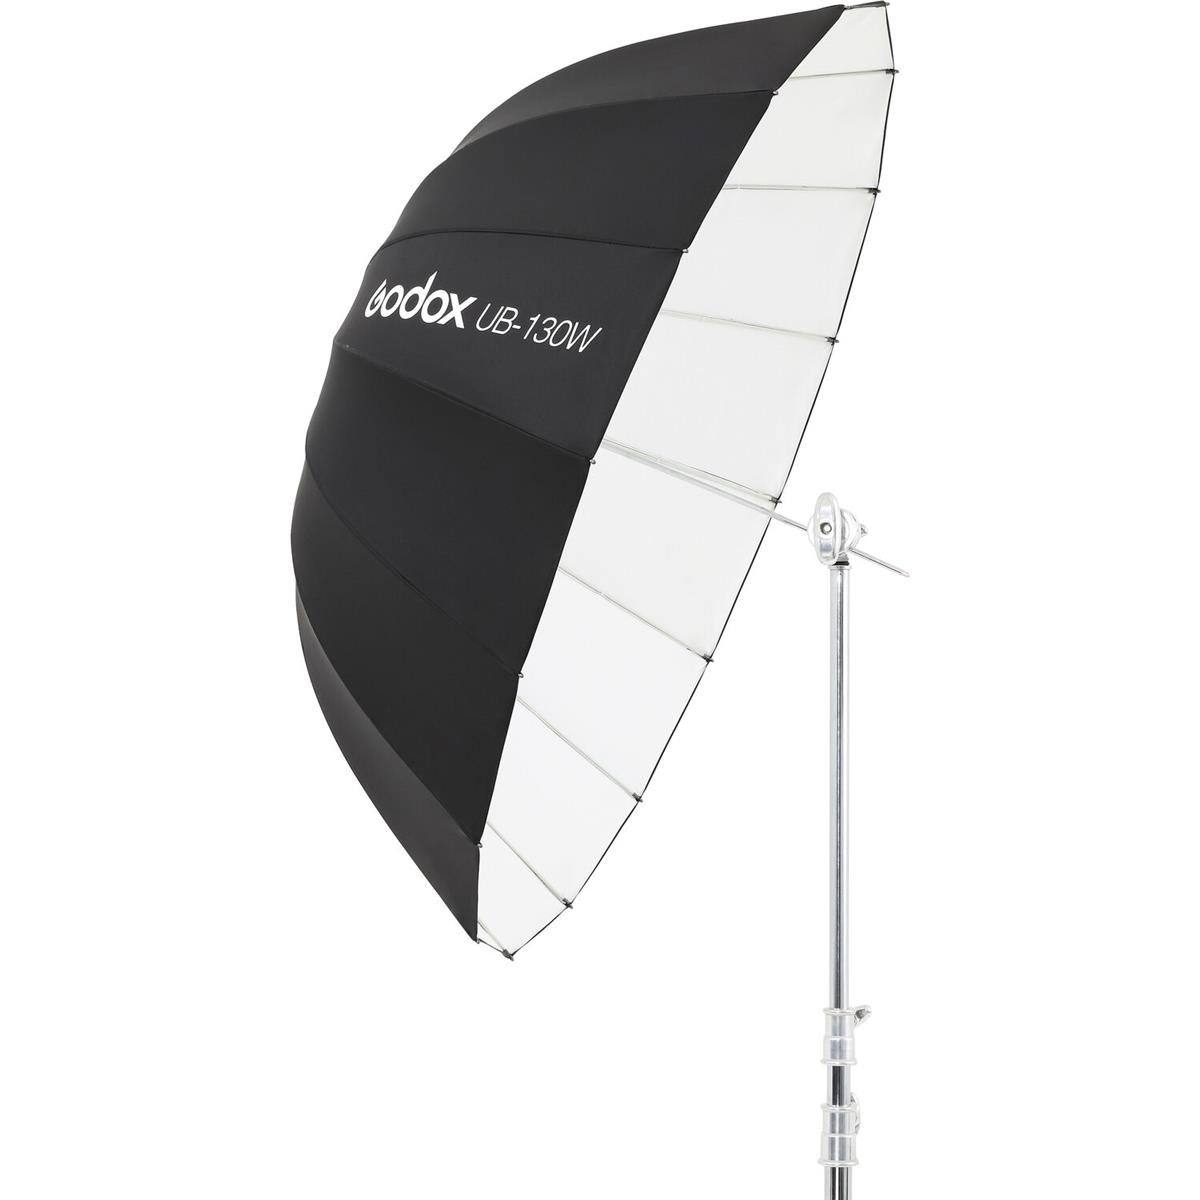 Godox 130 cm Parabolschirm Schwarz / Weiß UB-130W